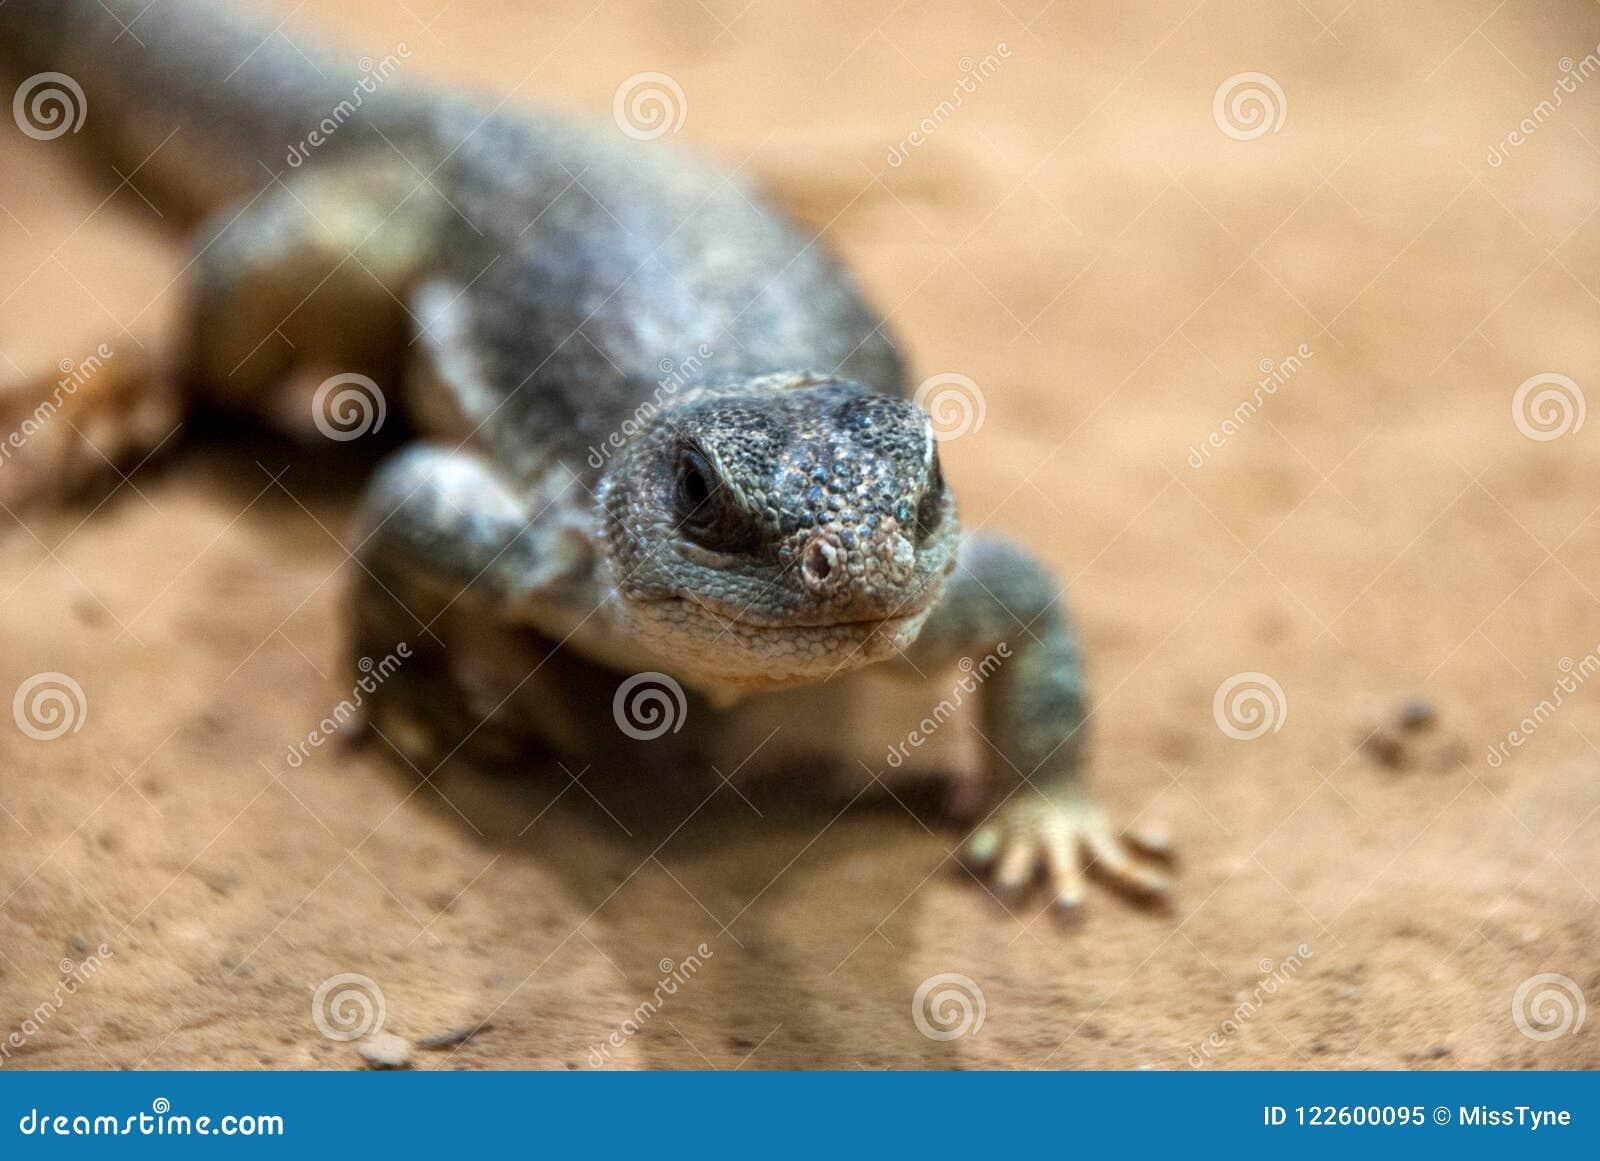 Retrato de un pequeño lagarto que da une vuelta